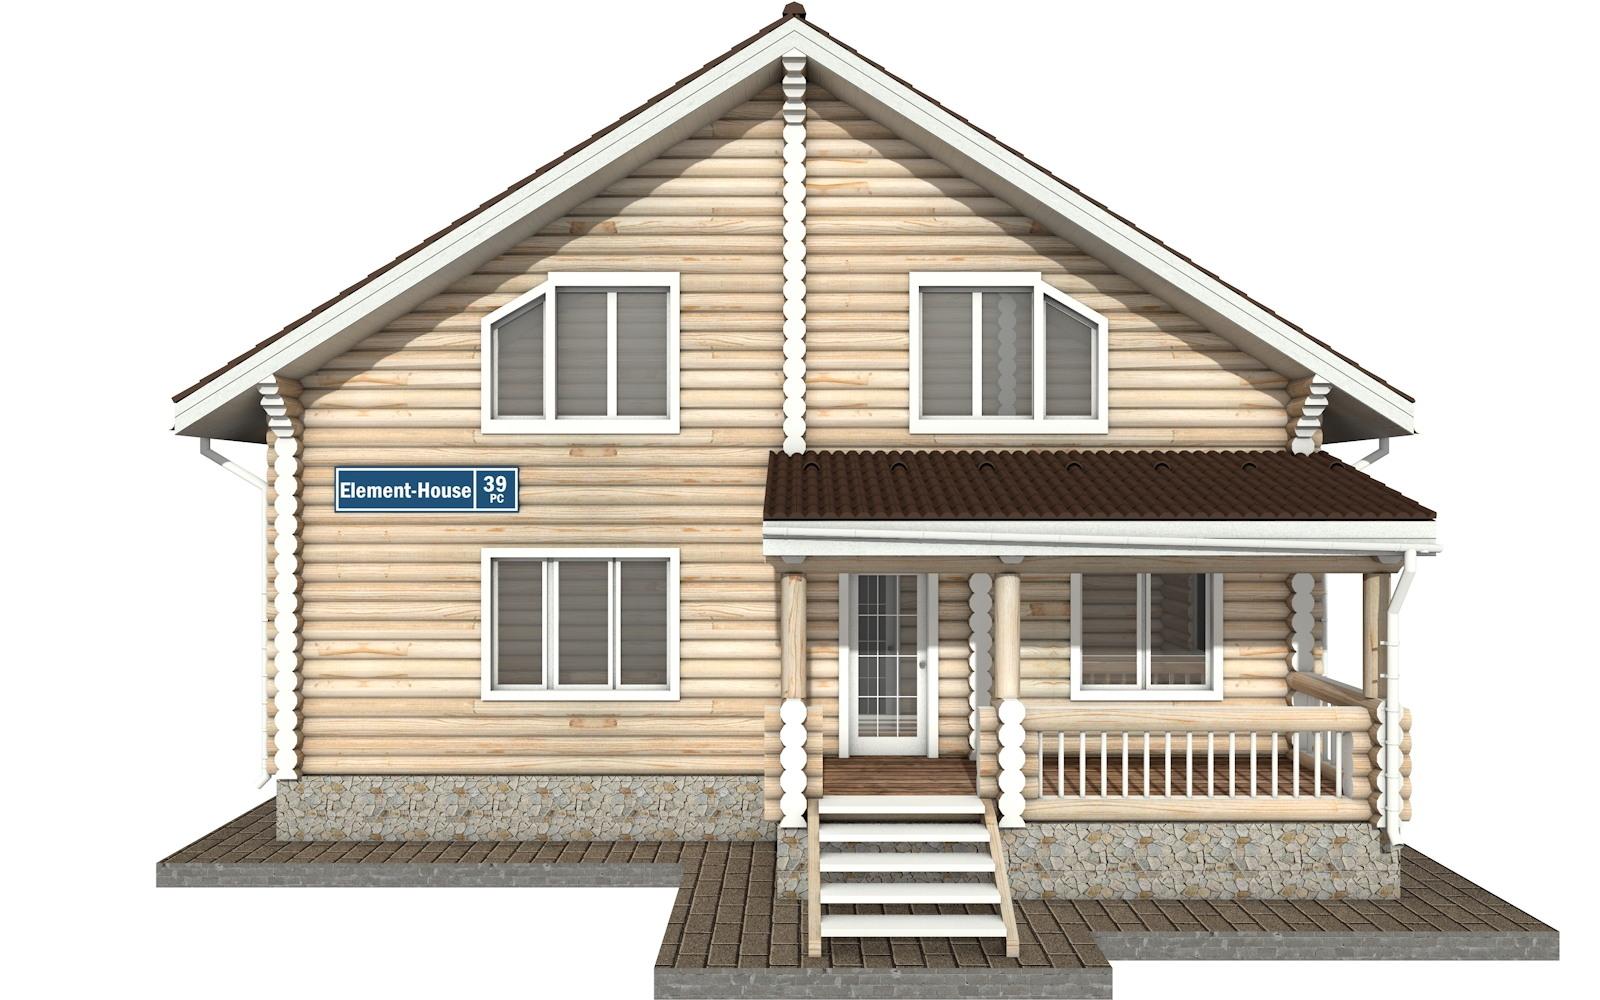 Фото #6: Красивый деревянный дом РС-39 из бревна